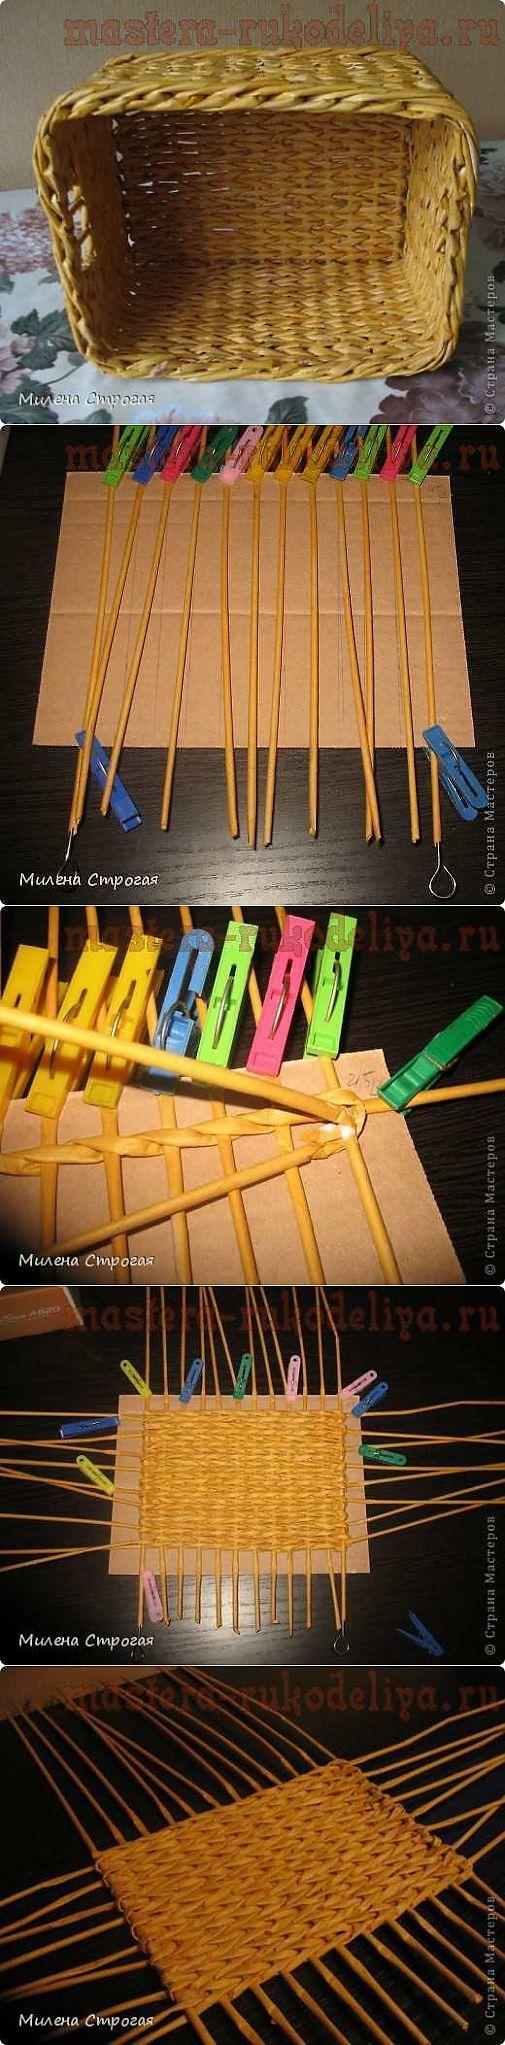 Мастера рукоделия - рукоделие для дома. Бесплатные мастер-классы, фото и видео уроки - Мастер-класс по плетению из газет: Прямоугольное дно | вязание | Постила